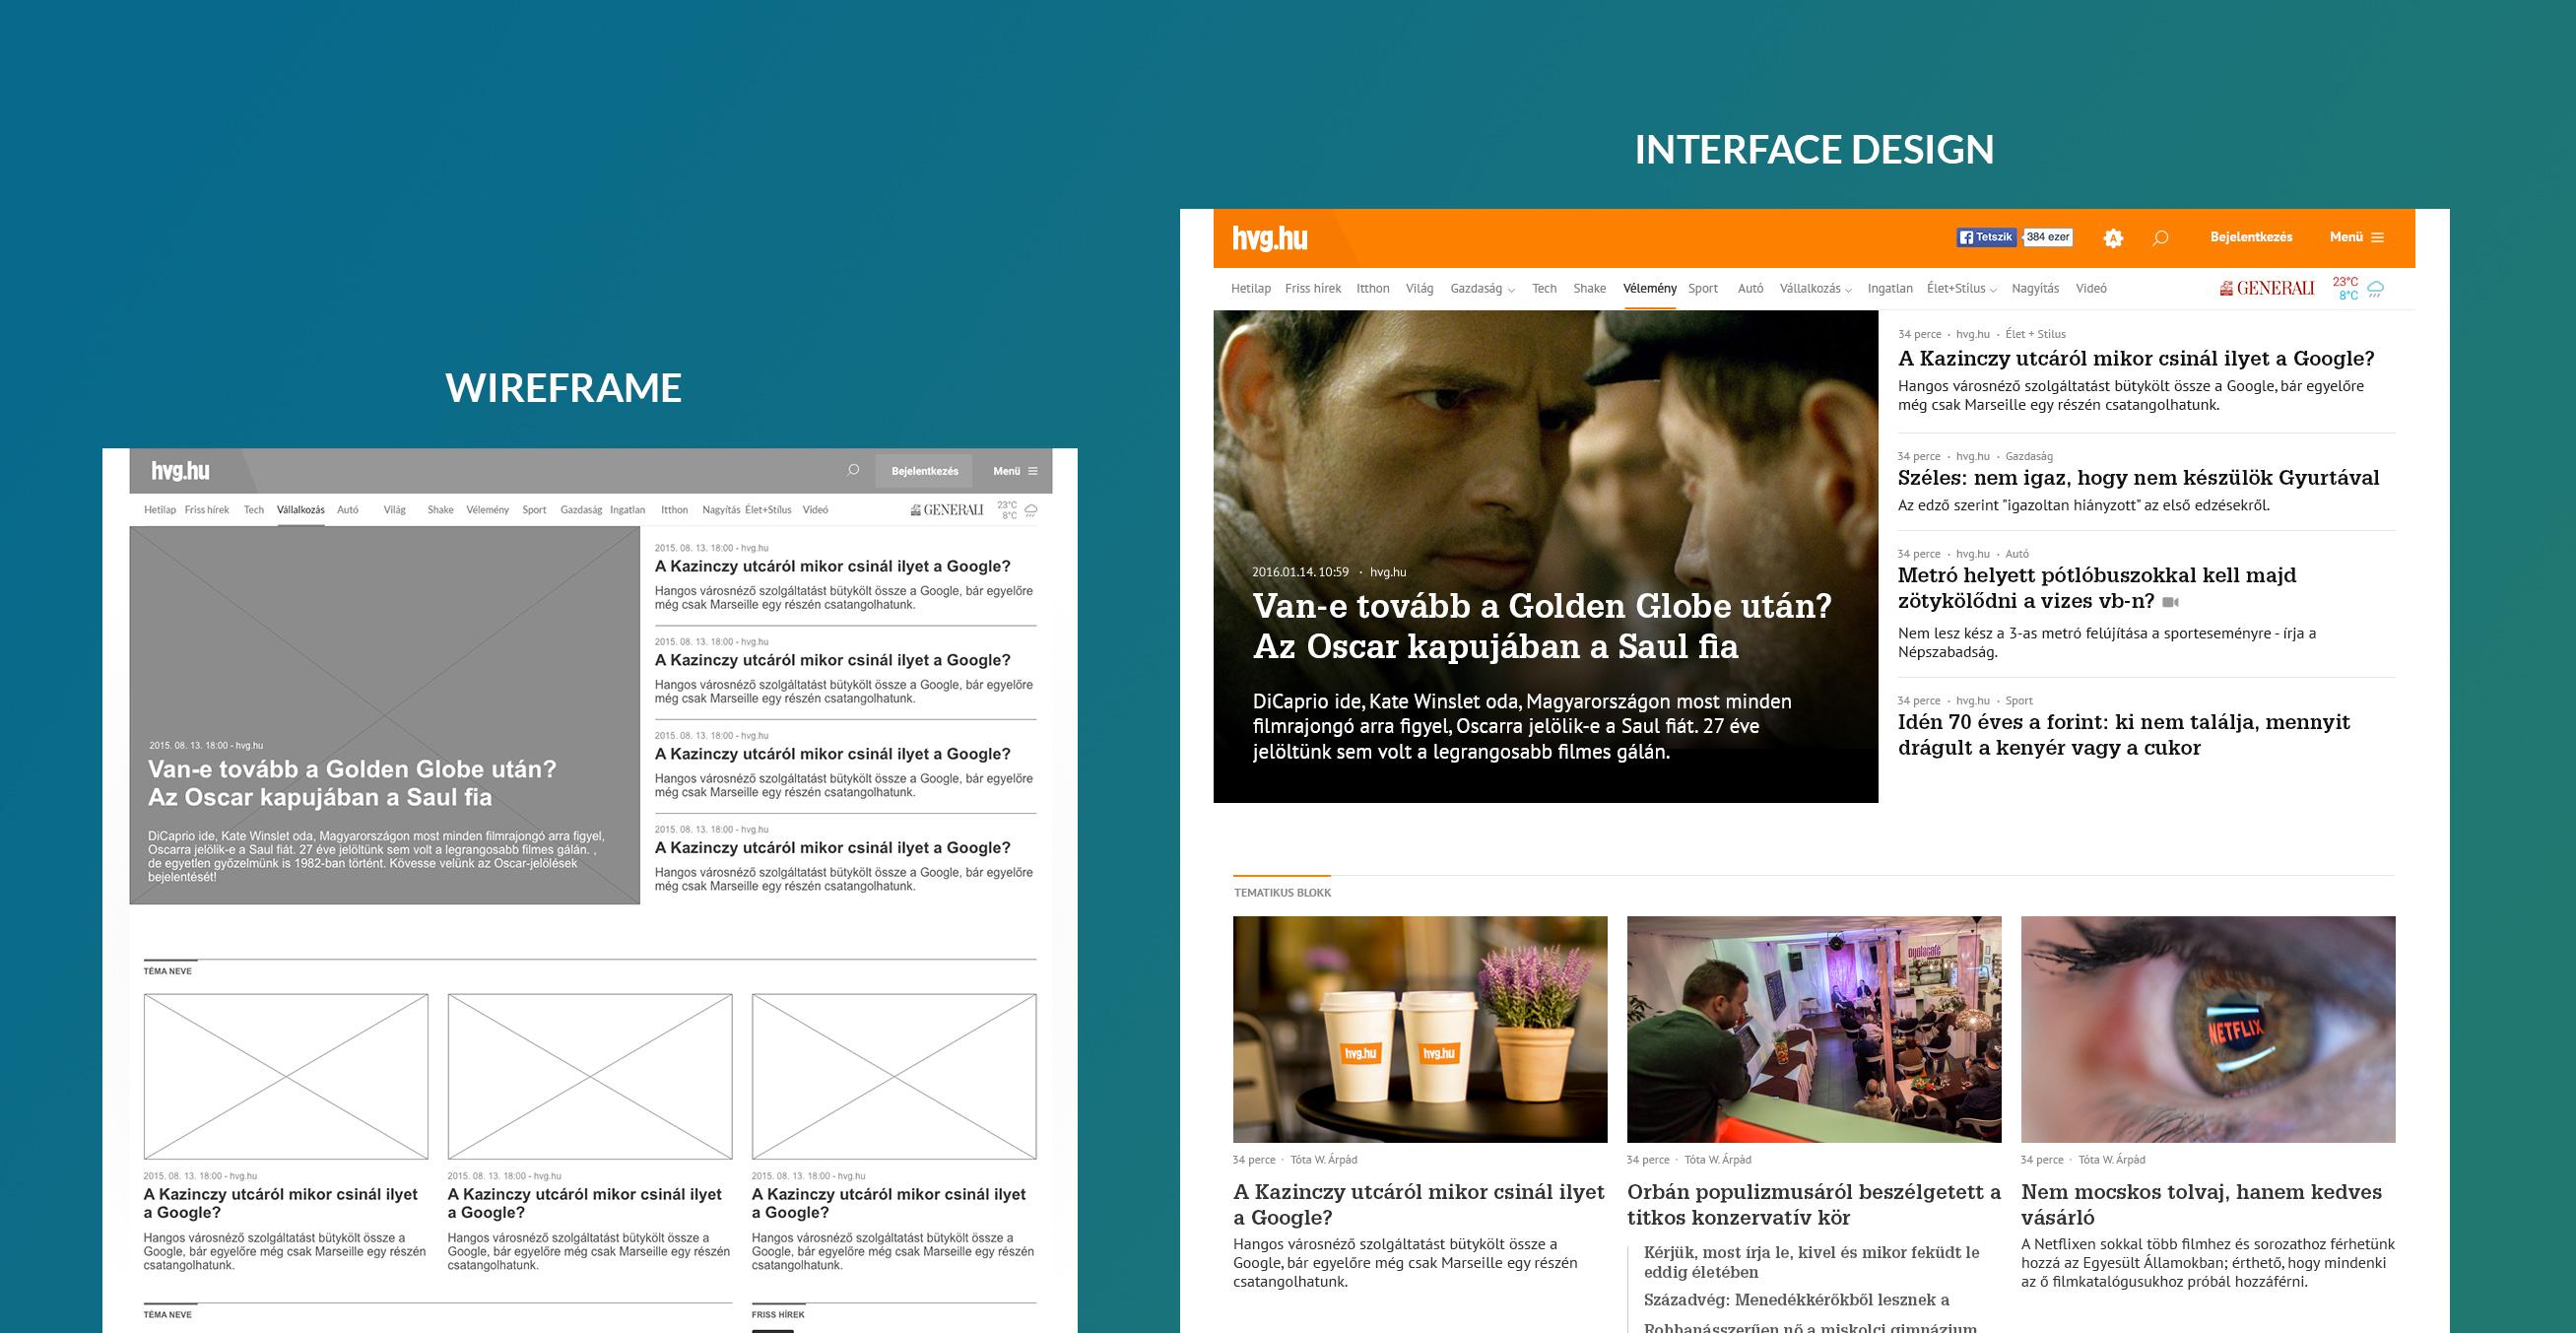 طراحی صفحه اول وب سایت